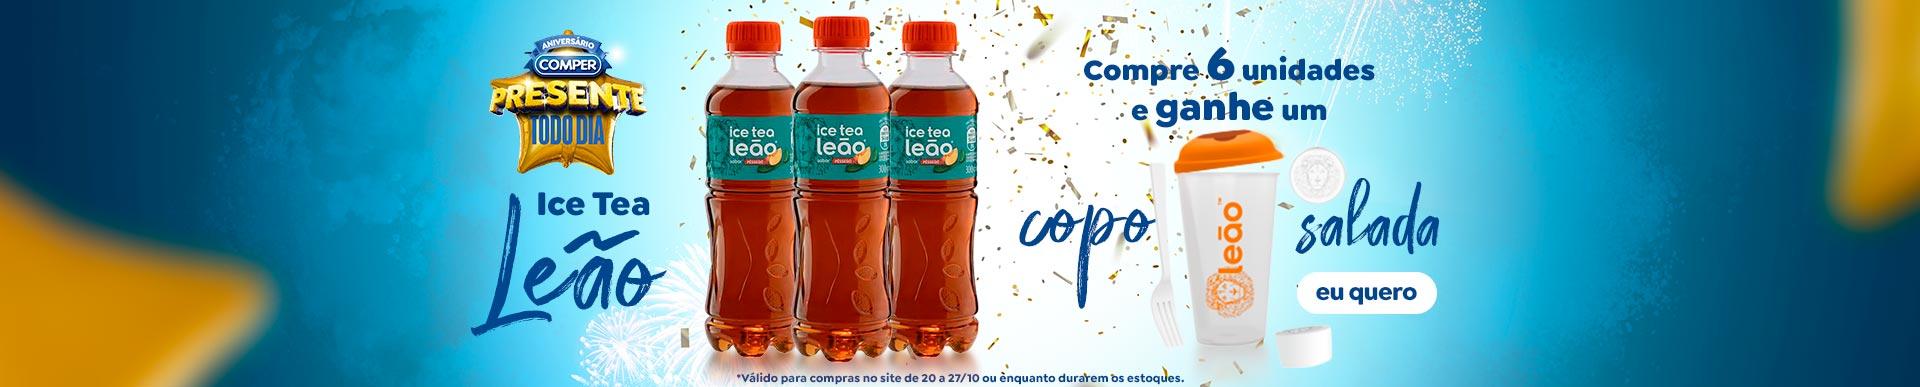 trade_2021-10-20a10-27_aniversario-presentetododia_coca-cola_MT-Leao-ice-tea-comper6-ganhe-copo